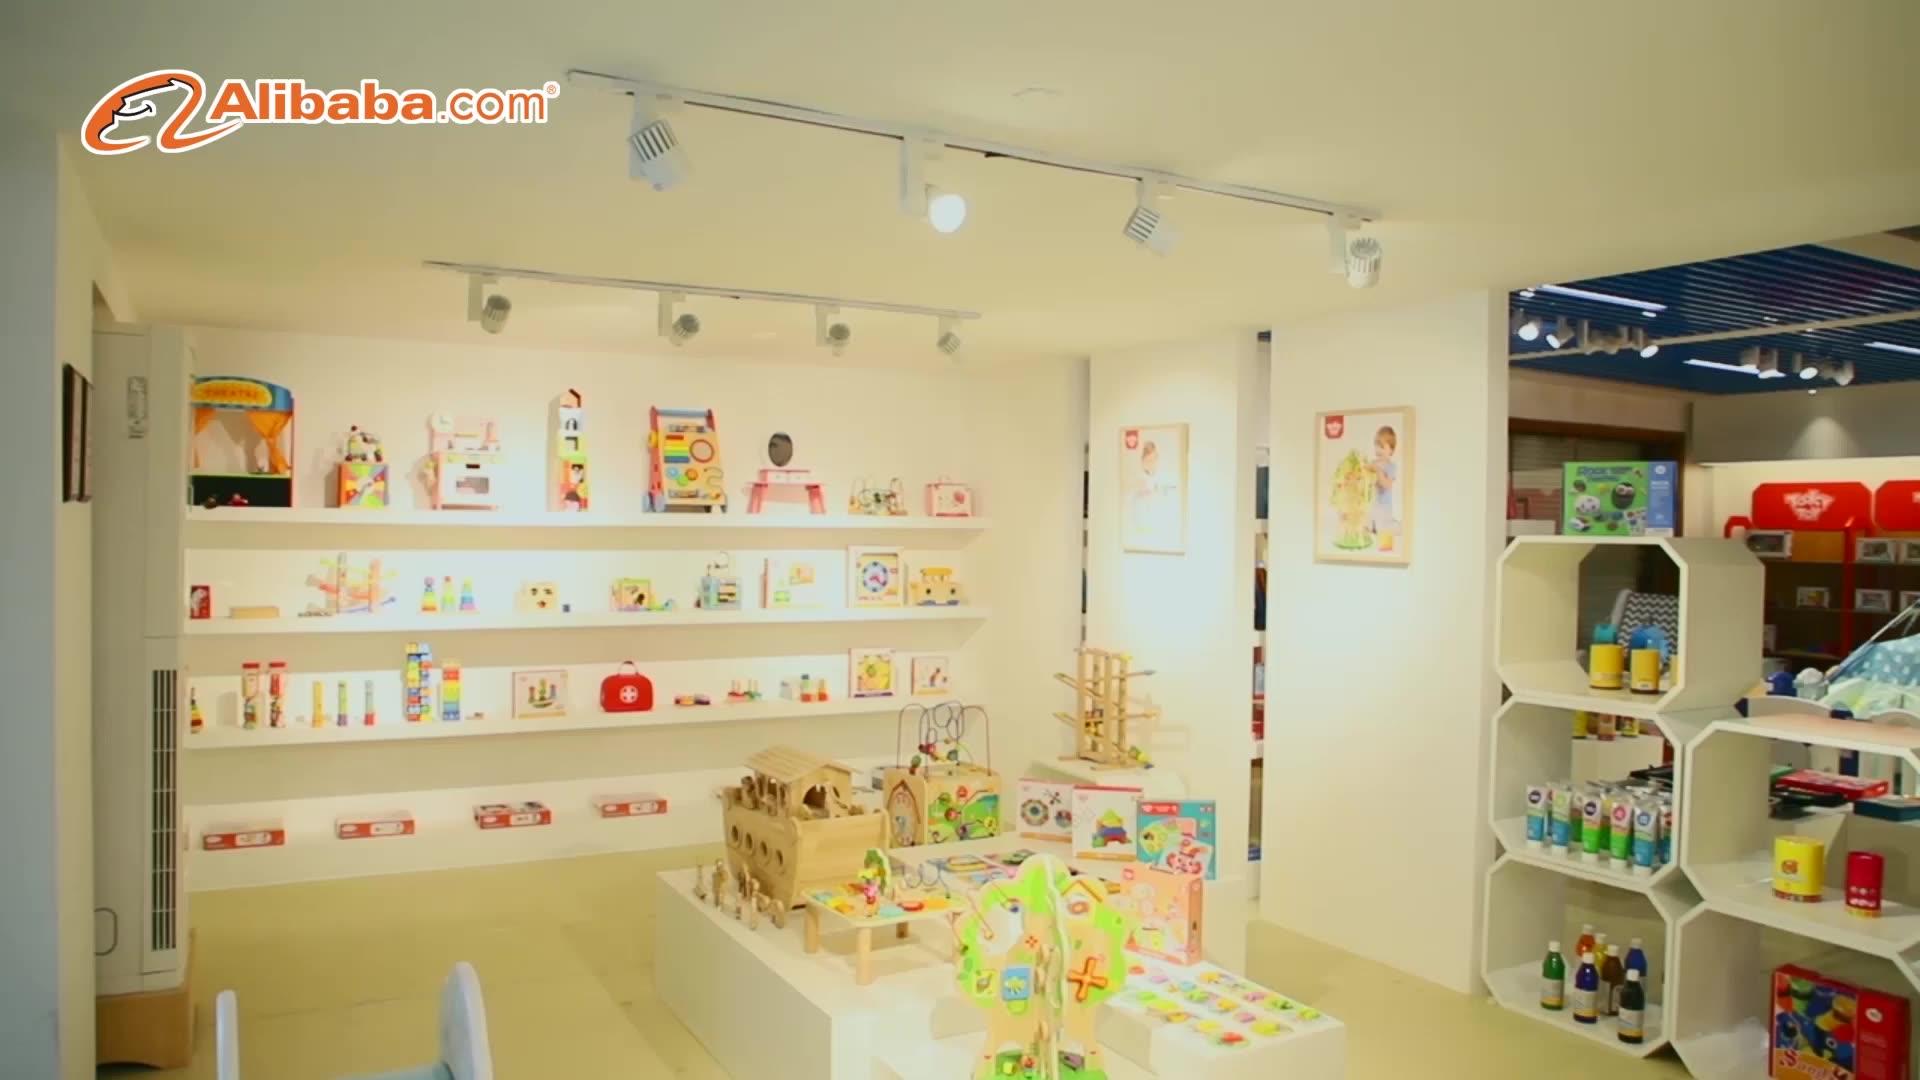 थोक अच्छी गुणवत्ता लकड़ी के खिलौने बच्चों के लिए खेलने के लिए Tangram